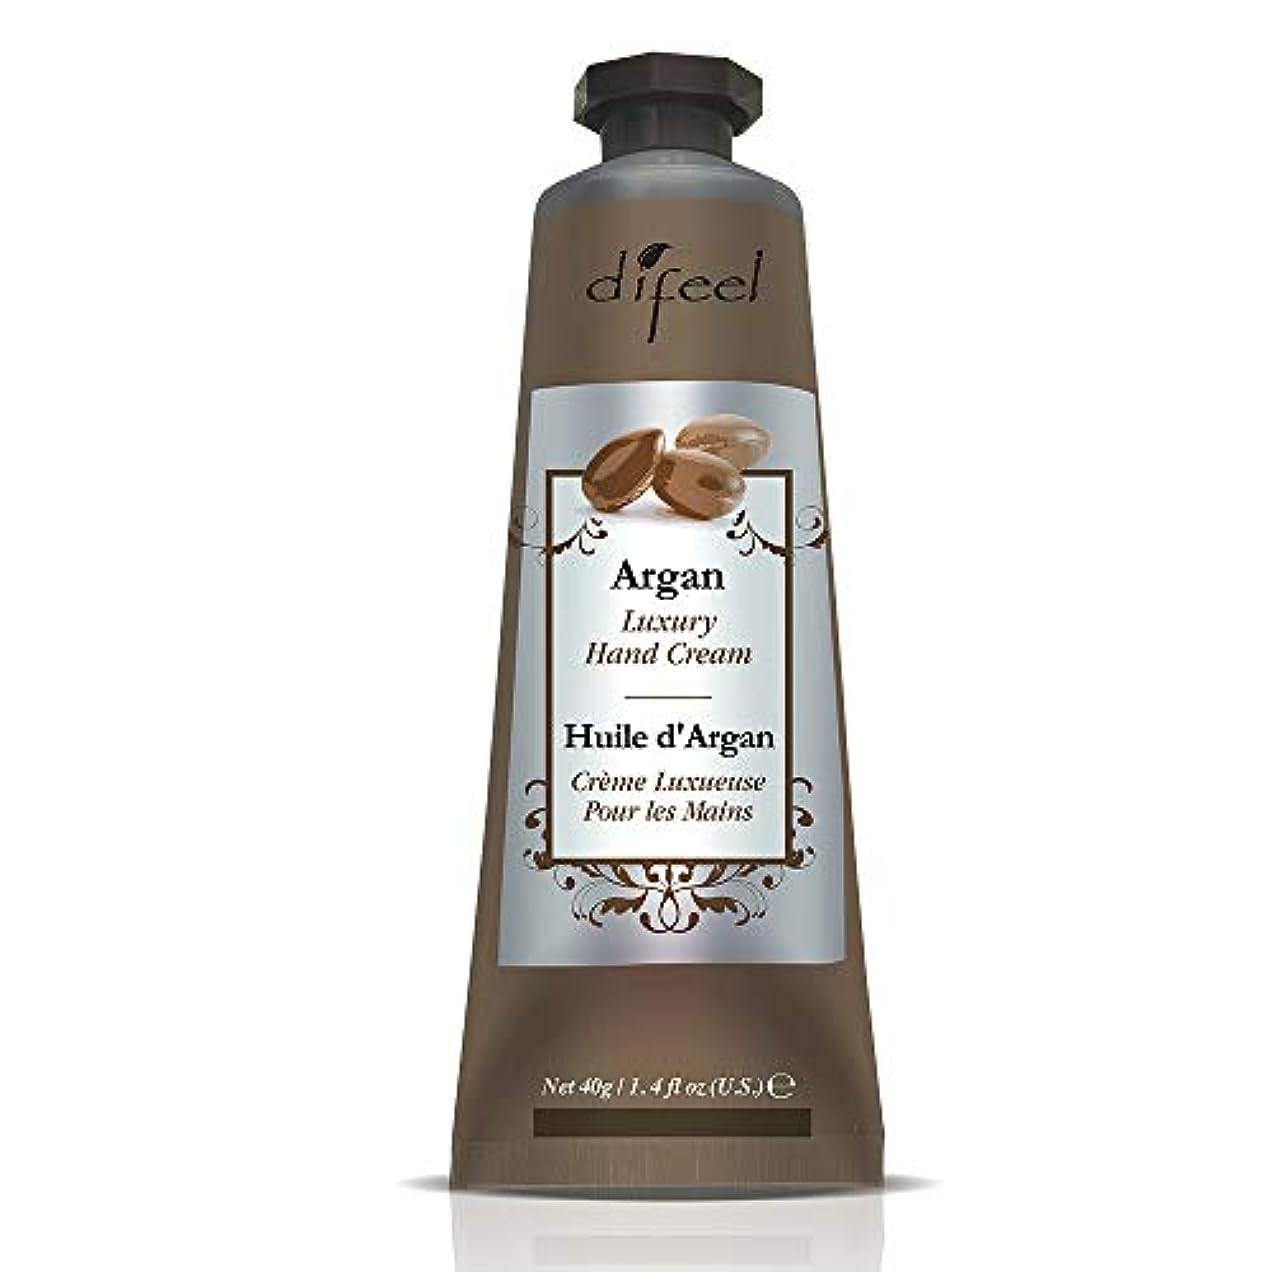 介入する収束ものDifeel(ディフィール) アルガン ナチュラル ハンドクリーム 40g ARGAN 12ARG New York 【正規輸入品】